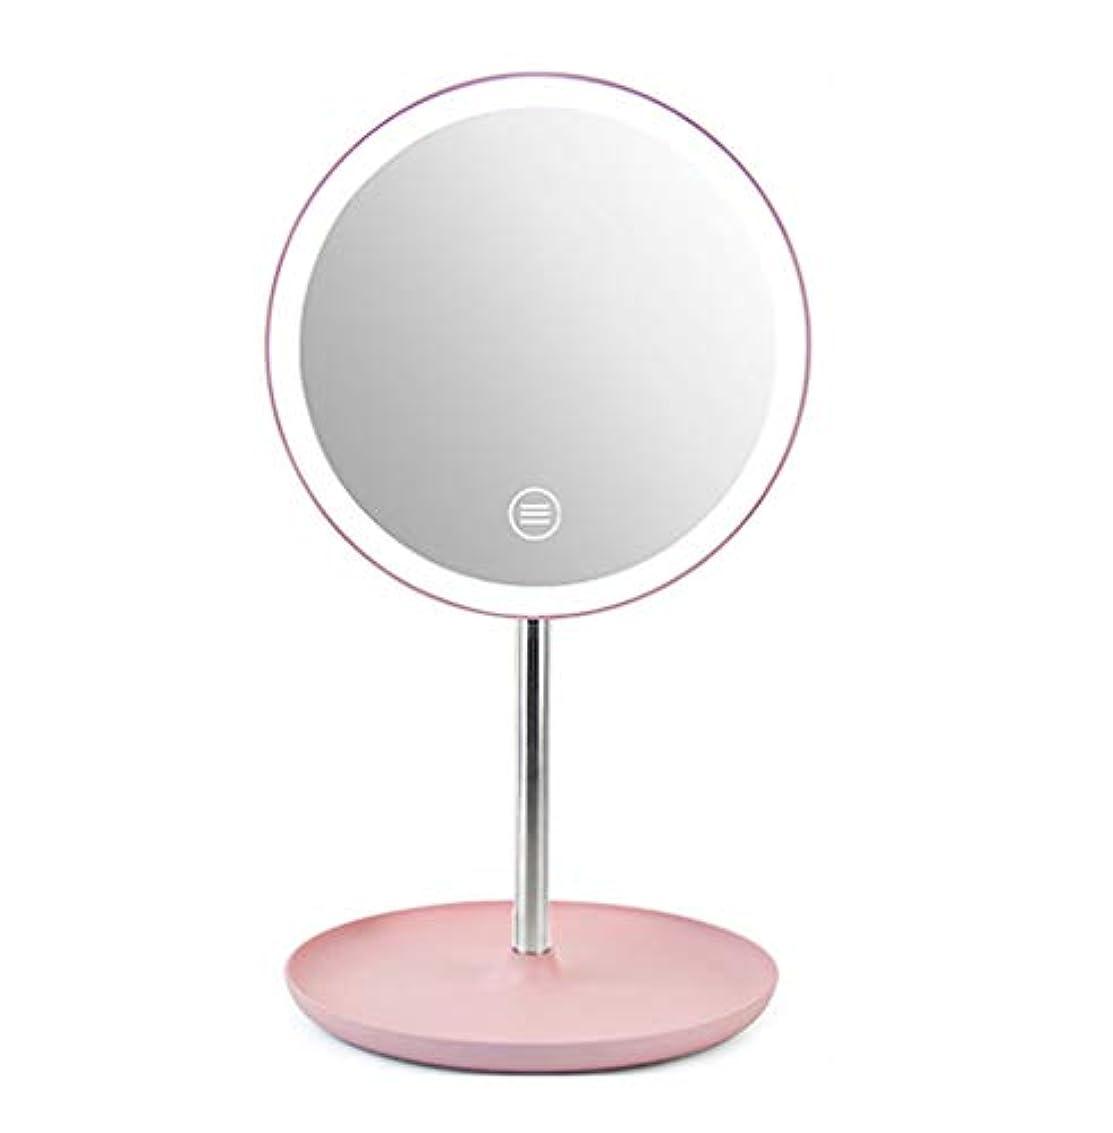 羊飼いチャット入り口LED化粧鏡コンパクト、スタンド付き化粧鏡LEDライト付き照明付きバニティミラー調光可能なタッチスクリーン卓上化粧鏡180°回転USB充電